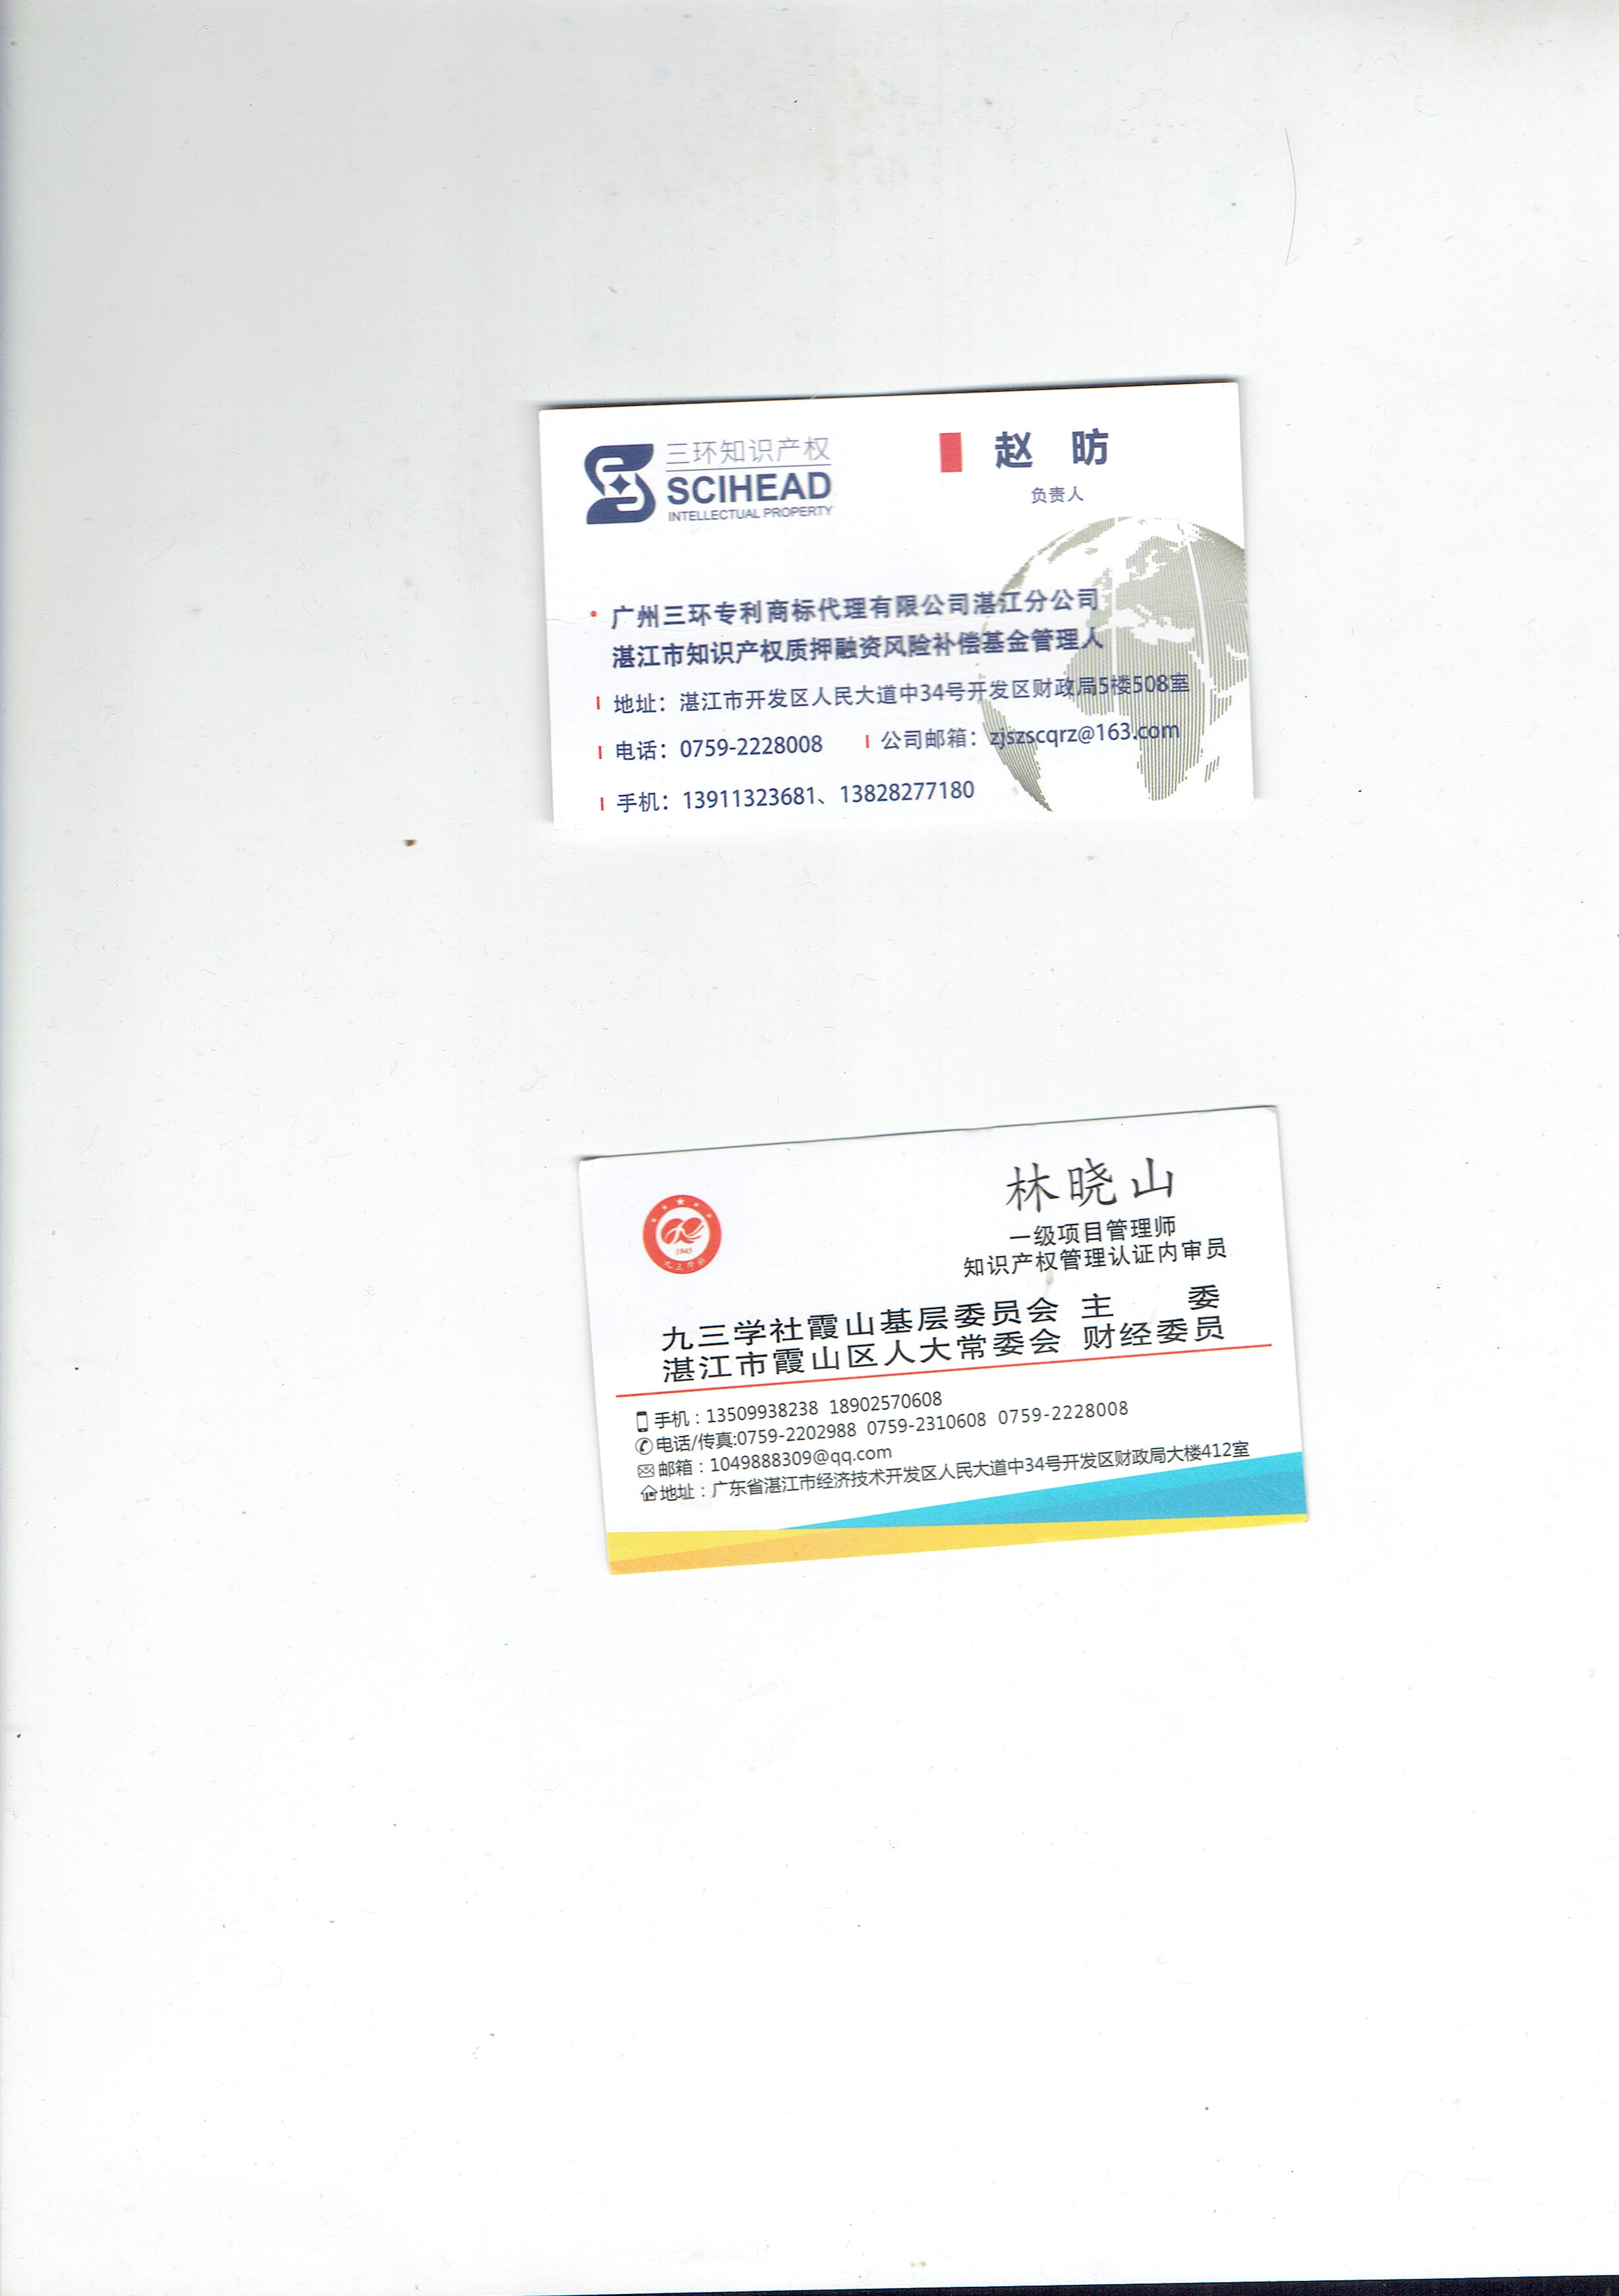 广州三环专利商标代理有限公司